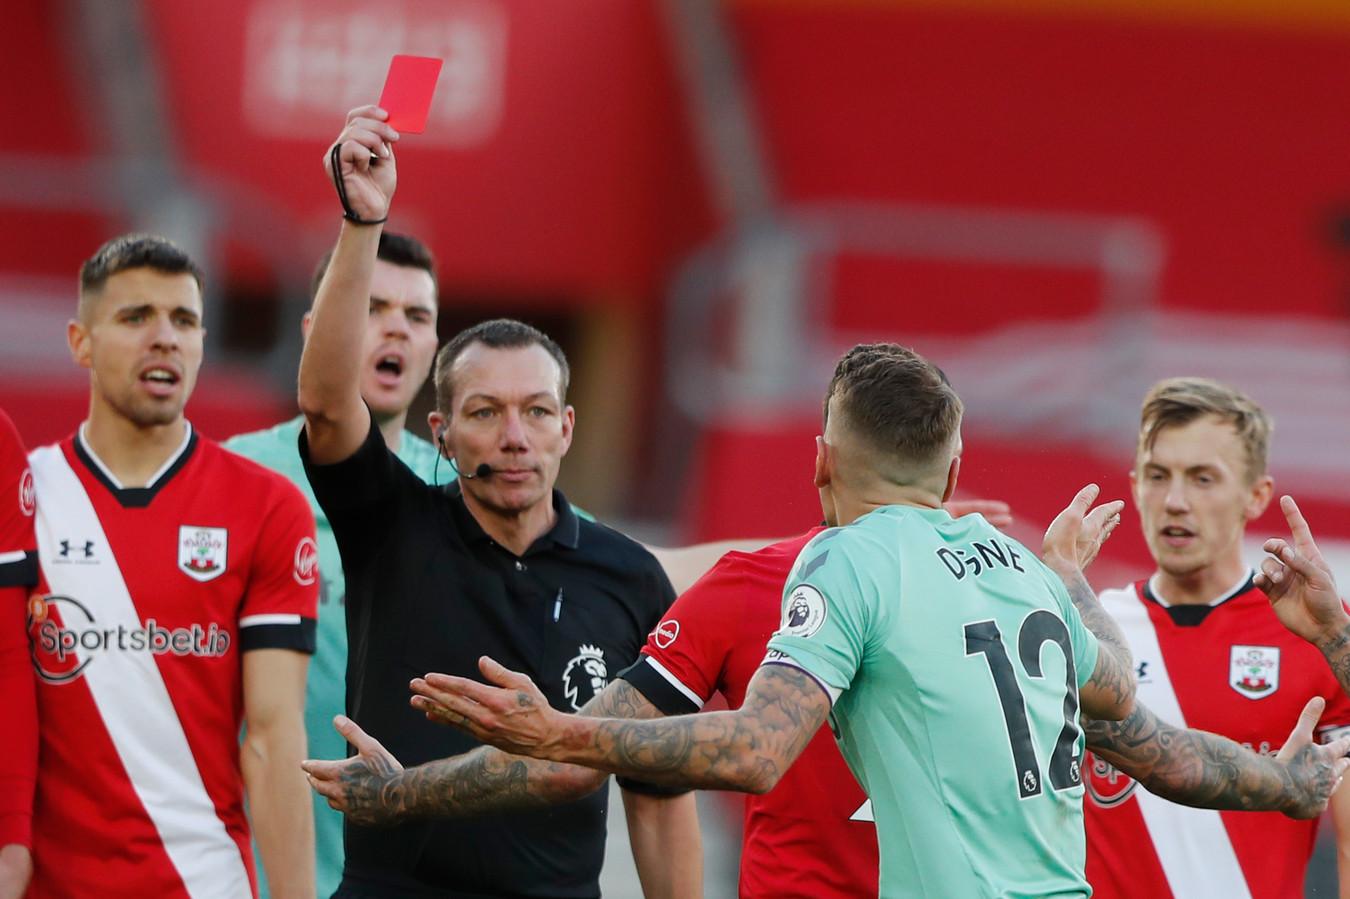 Lucas Digne ontvangt een rode kaart.